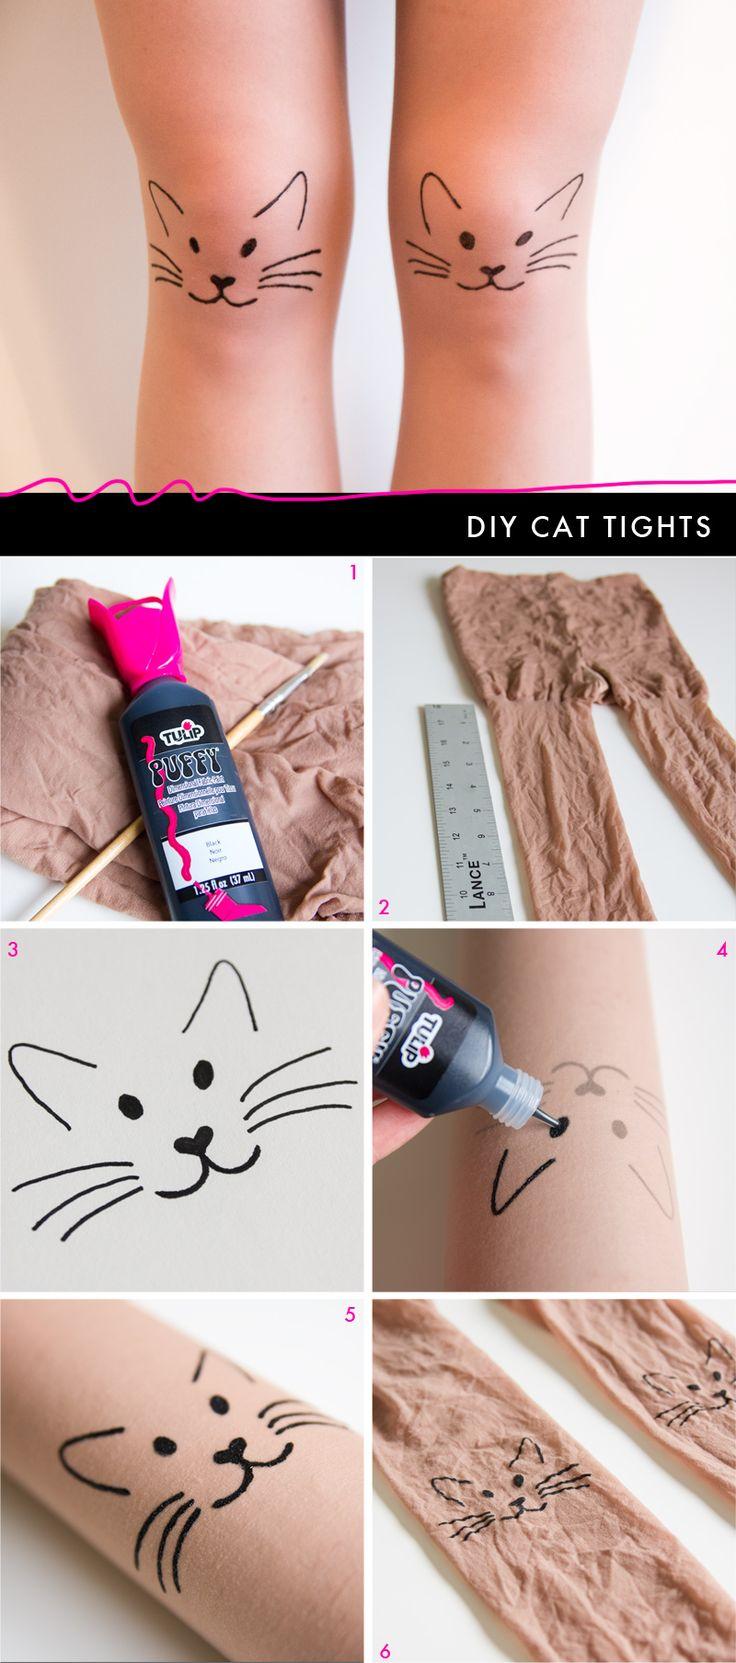 DIY cat tights tutorial